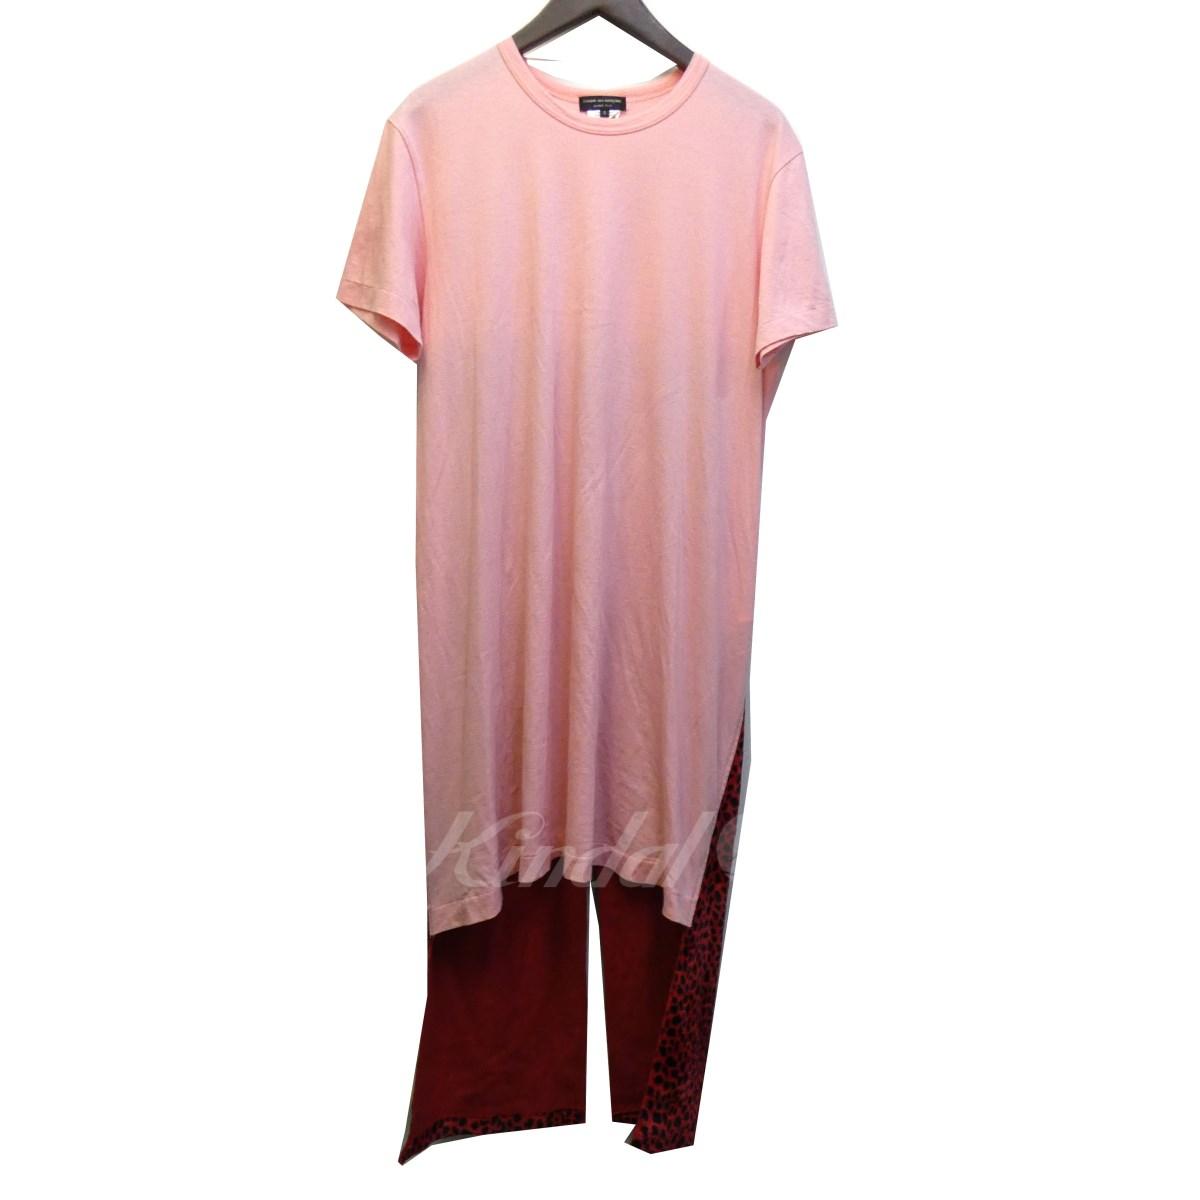 【中古】COMME des GARCONS HOMME PLUS 18SS レオパードドッキングロングTシャツ ピンク×レッド×ブラック サイズ:S 【220419】(コムデギャルソンオムプリュス)